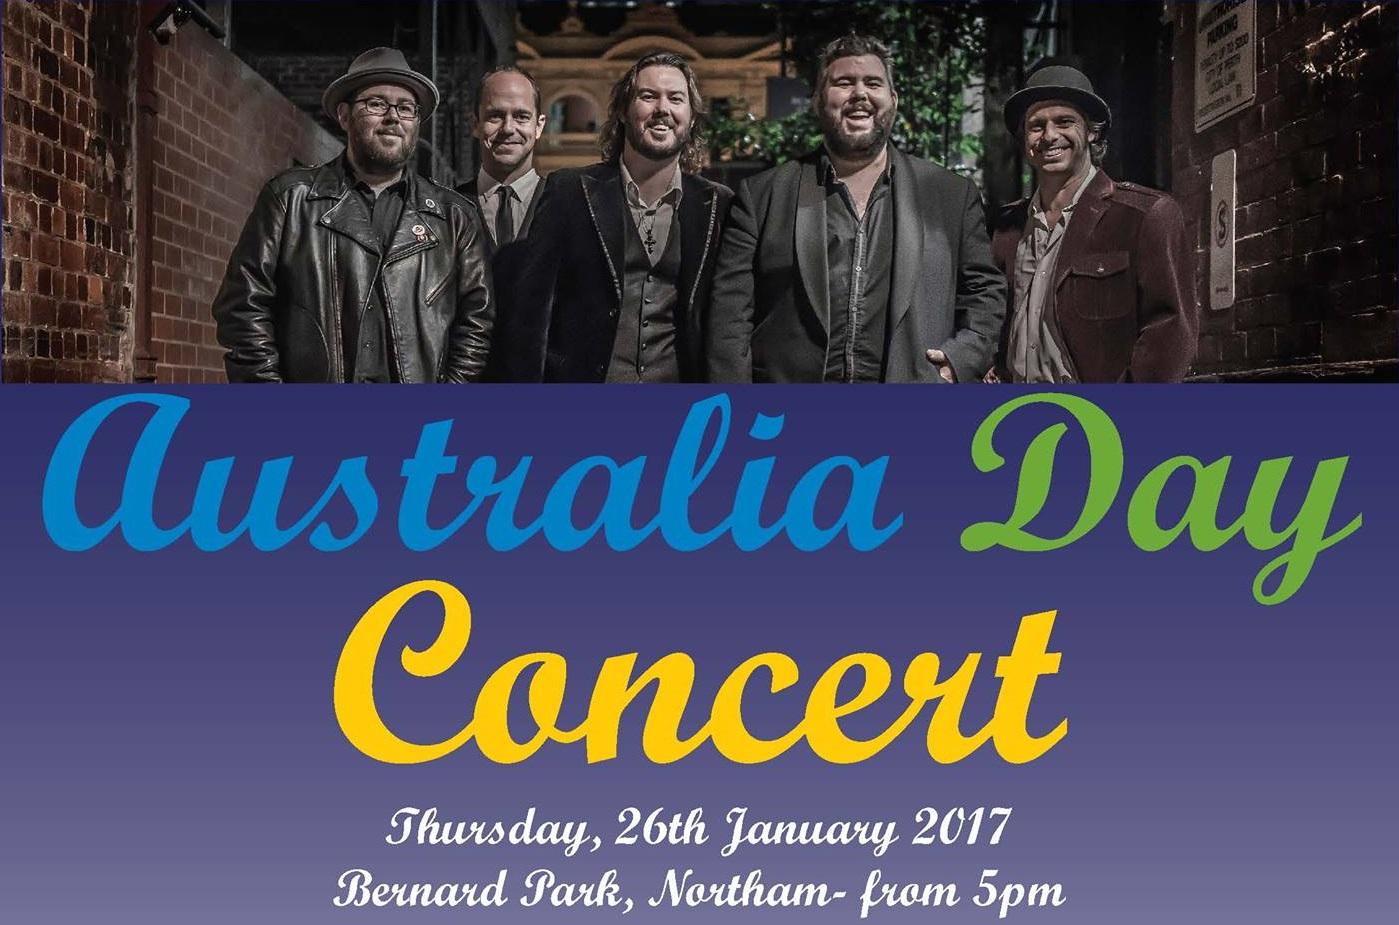 Australia Day Celebration in Northam